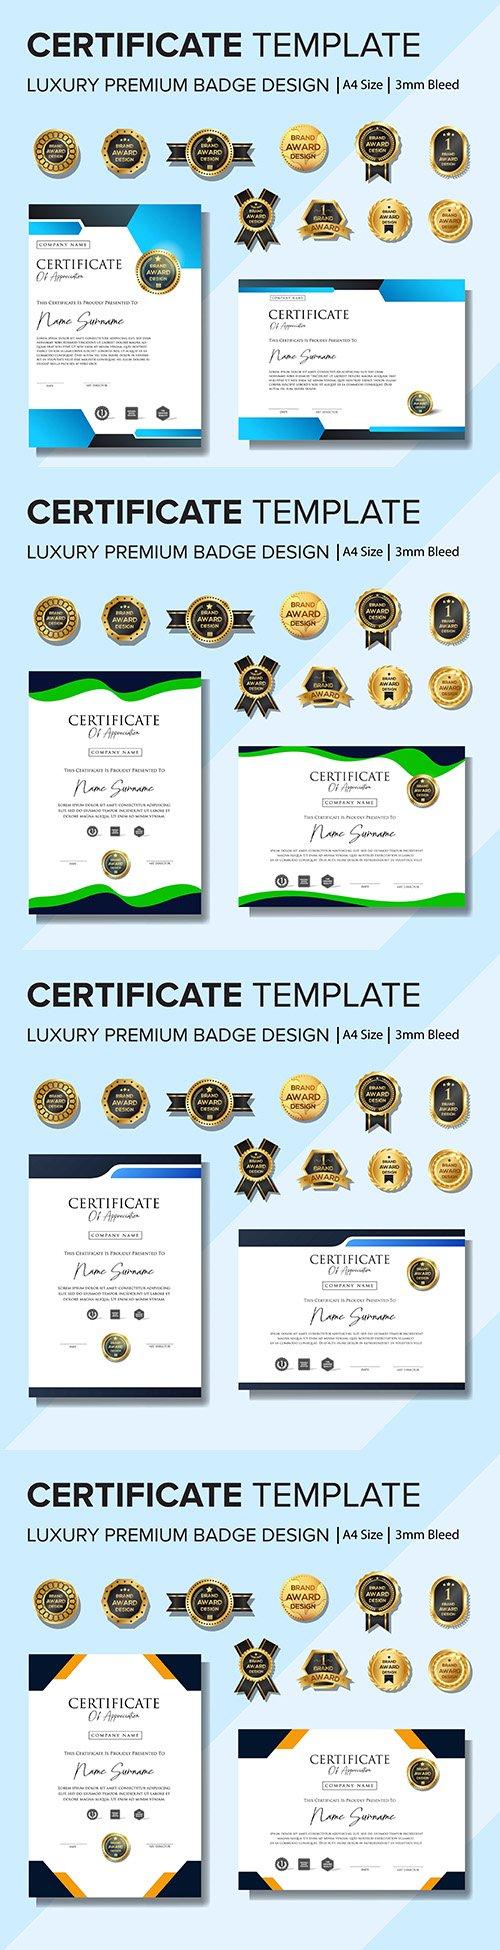 Certificate and premium badges design creative